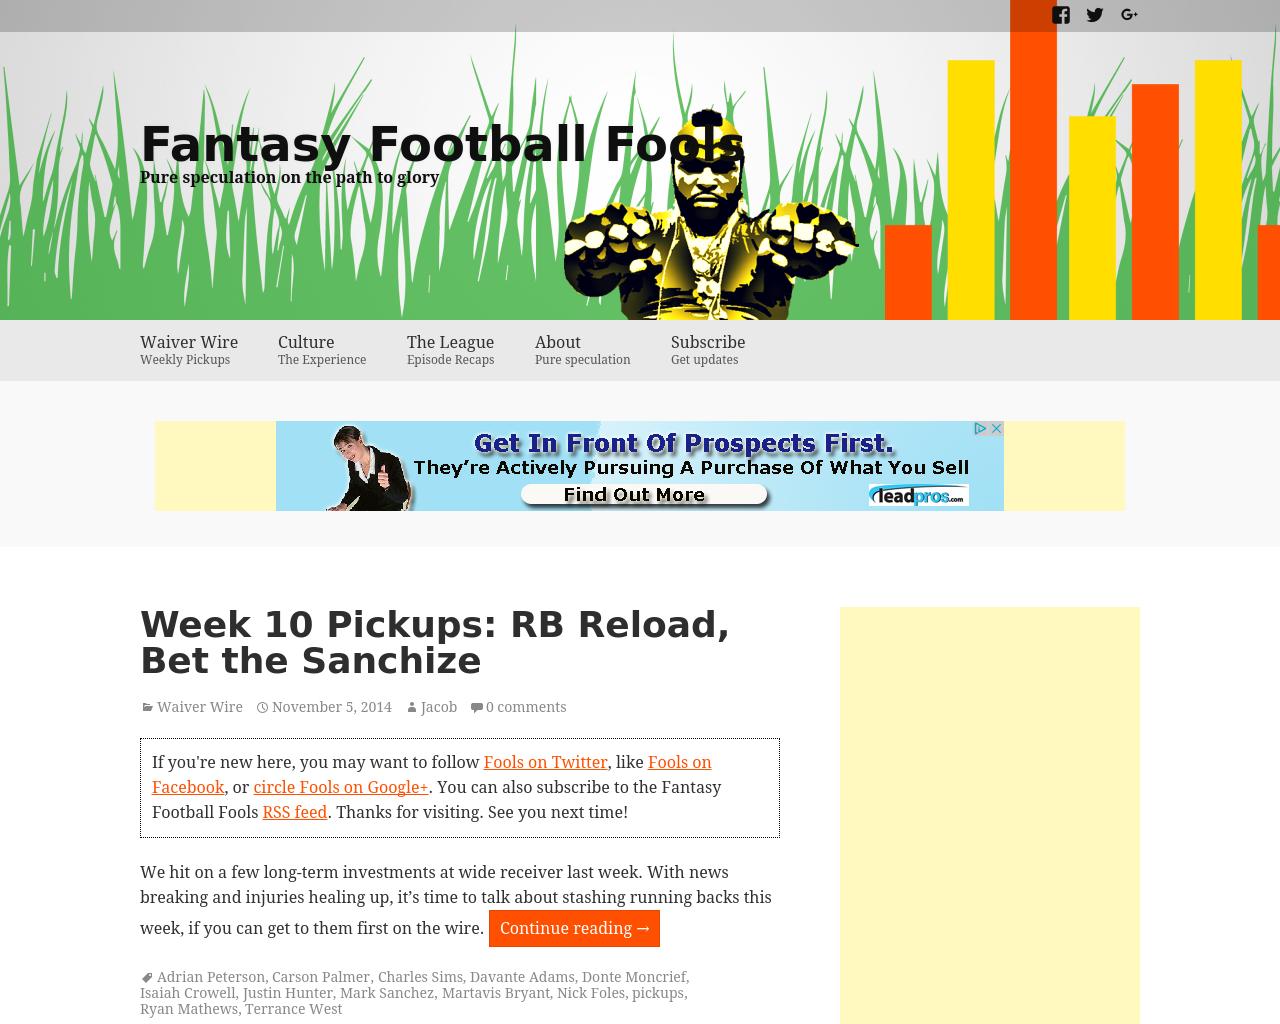 Fantasy-Football-Fools-Advertising-Reviews-Pricing